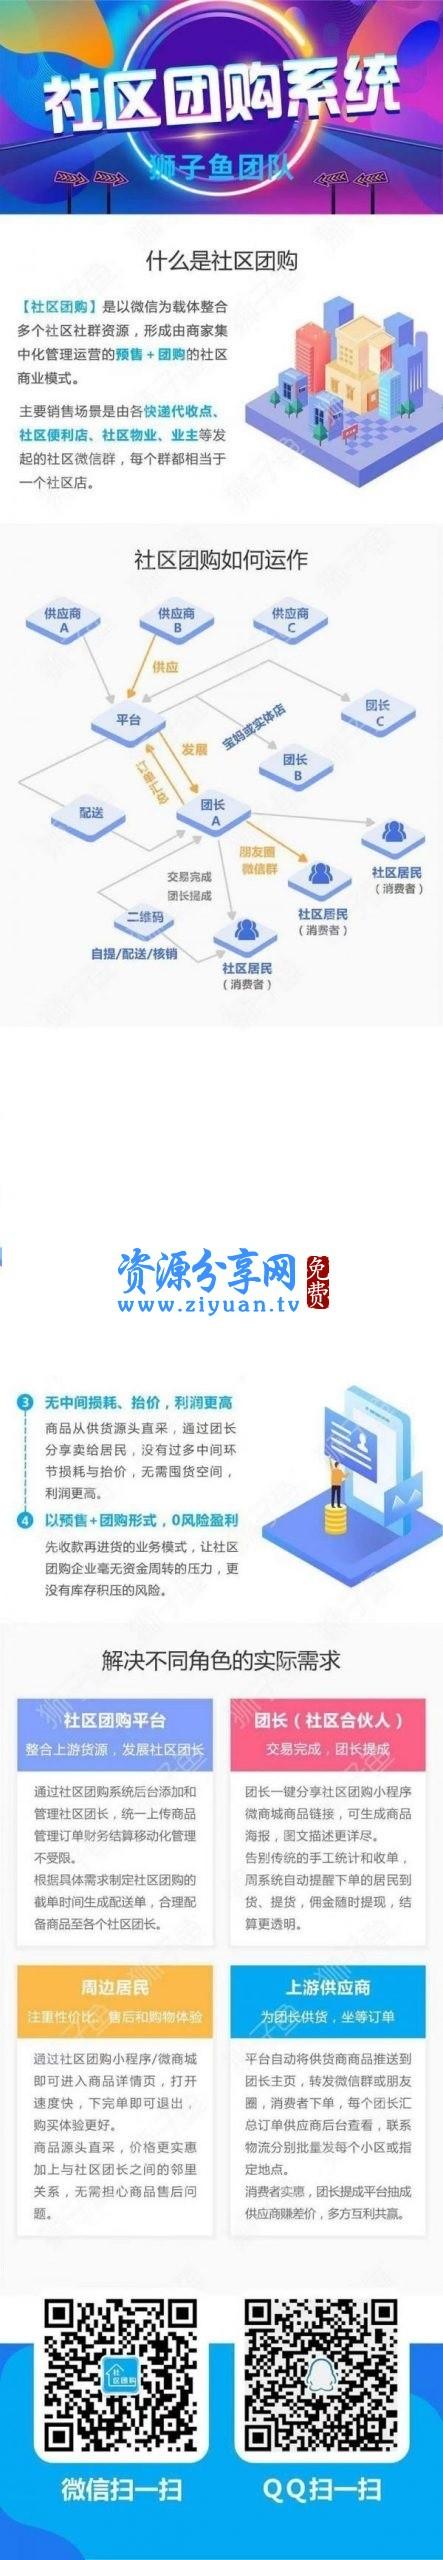 狮子鱼 V11.5.0 社区团购小程序